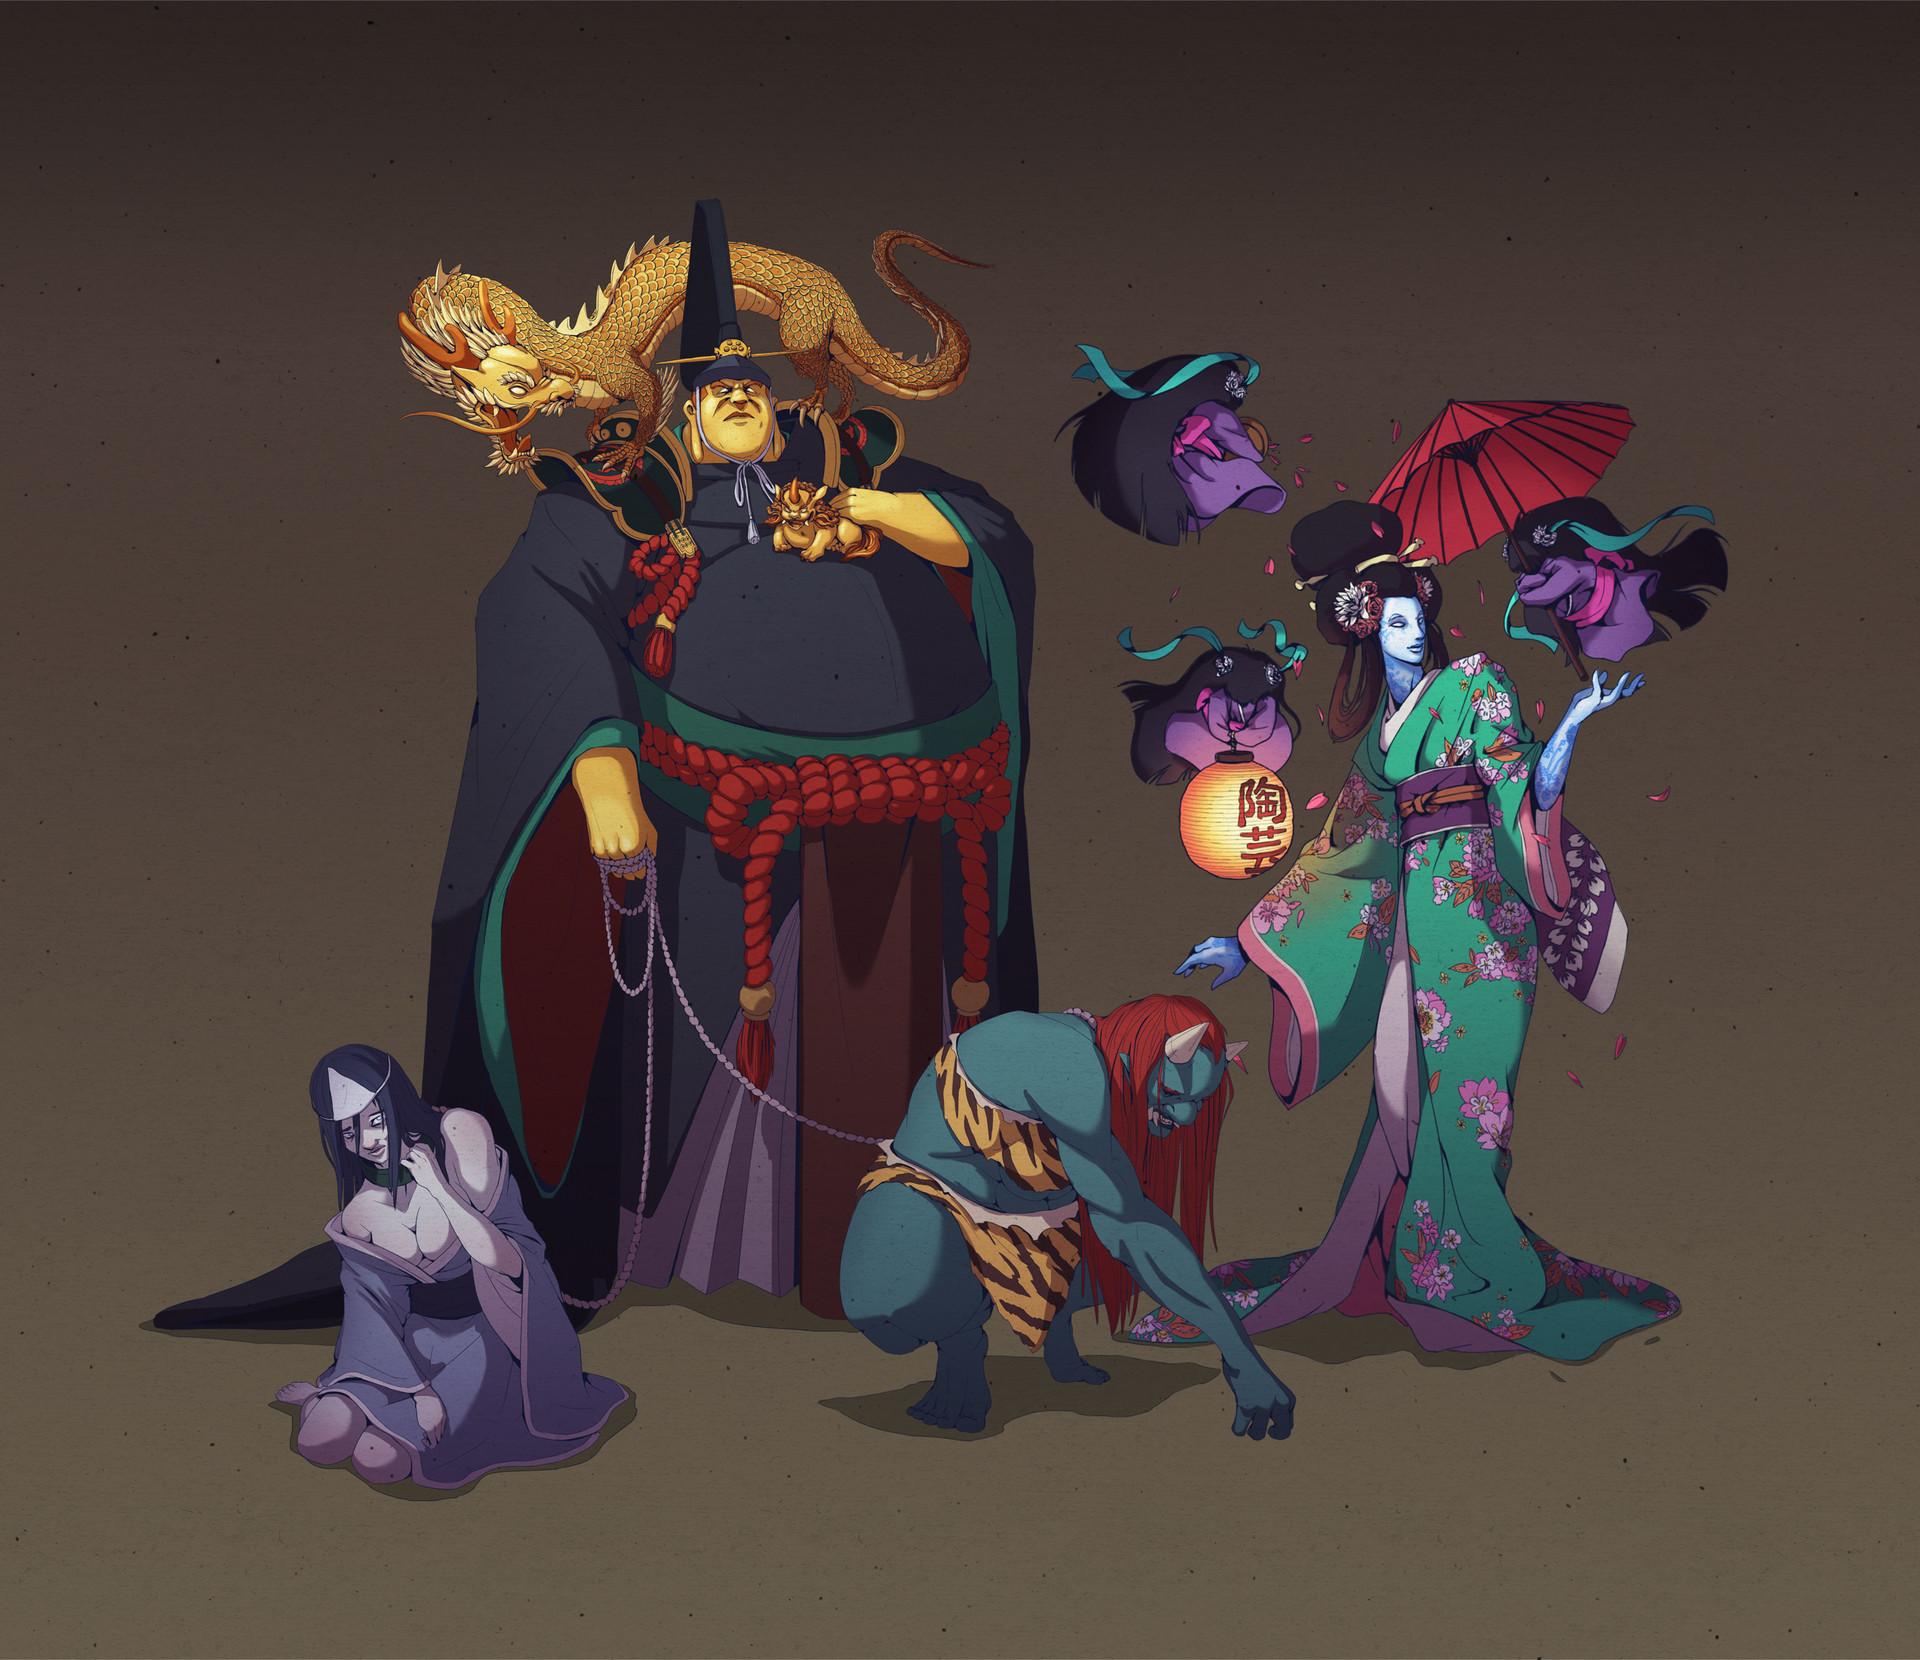 Nicolas tham emperor geisha